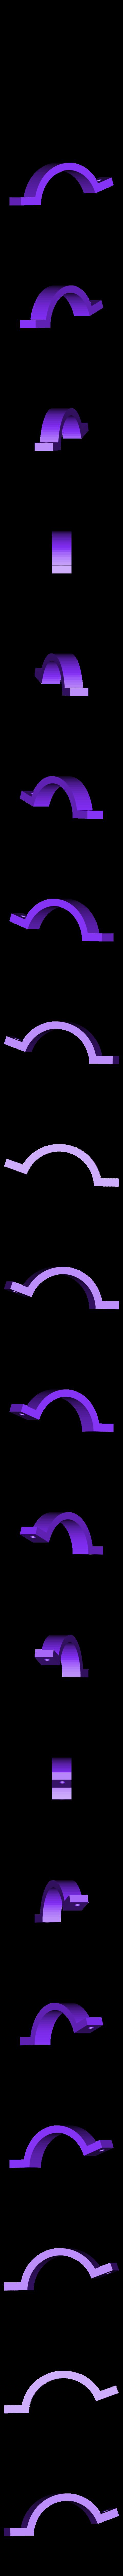 Shaft-Brg-Spt02.stl Download free STL file Turboprop Engine • 3D printable model, konchan77